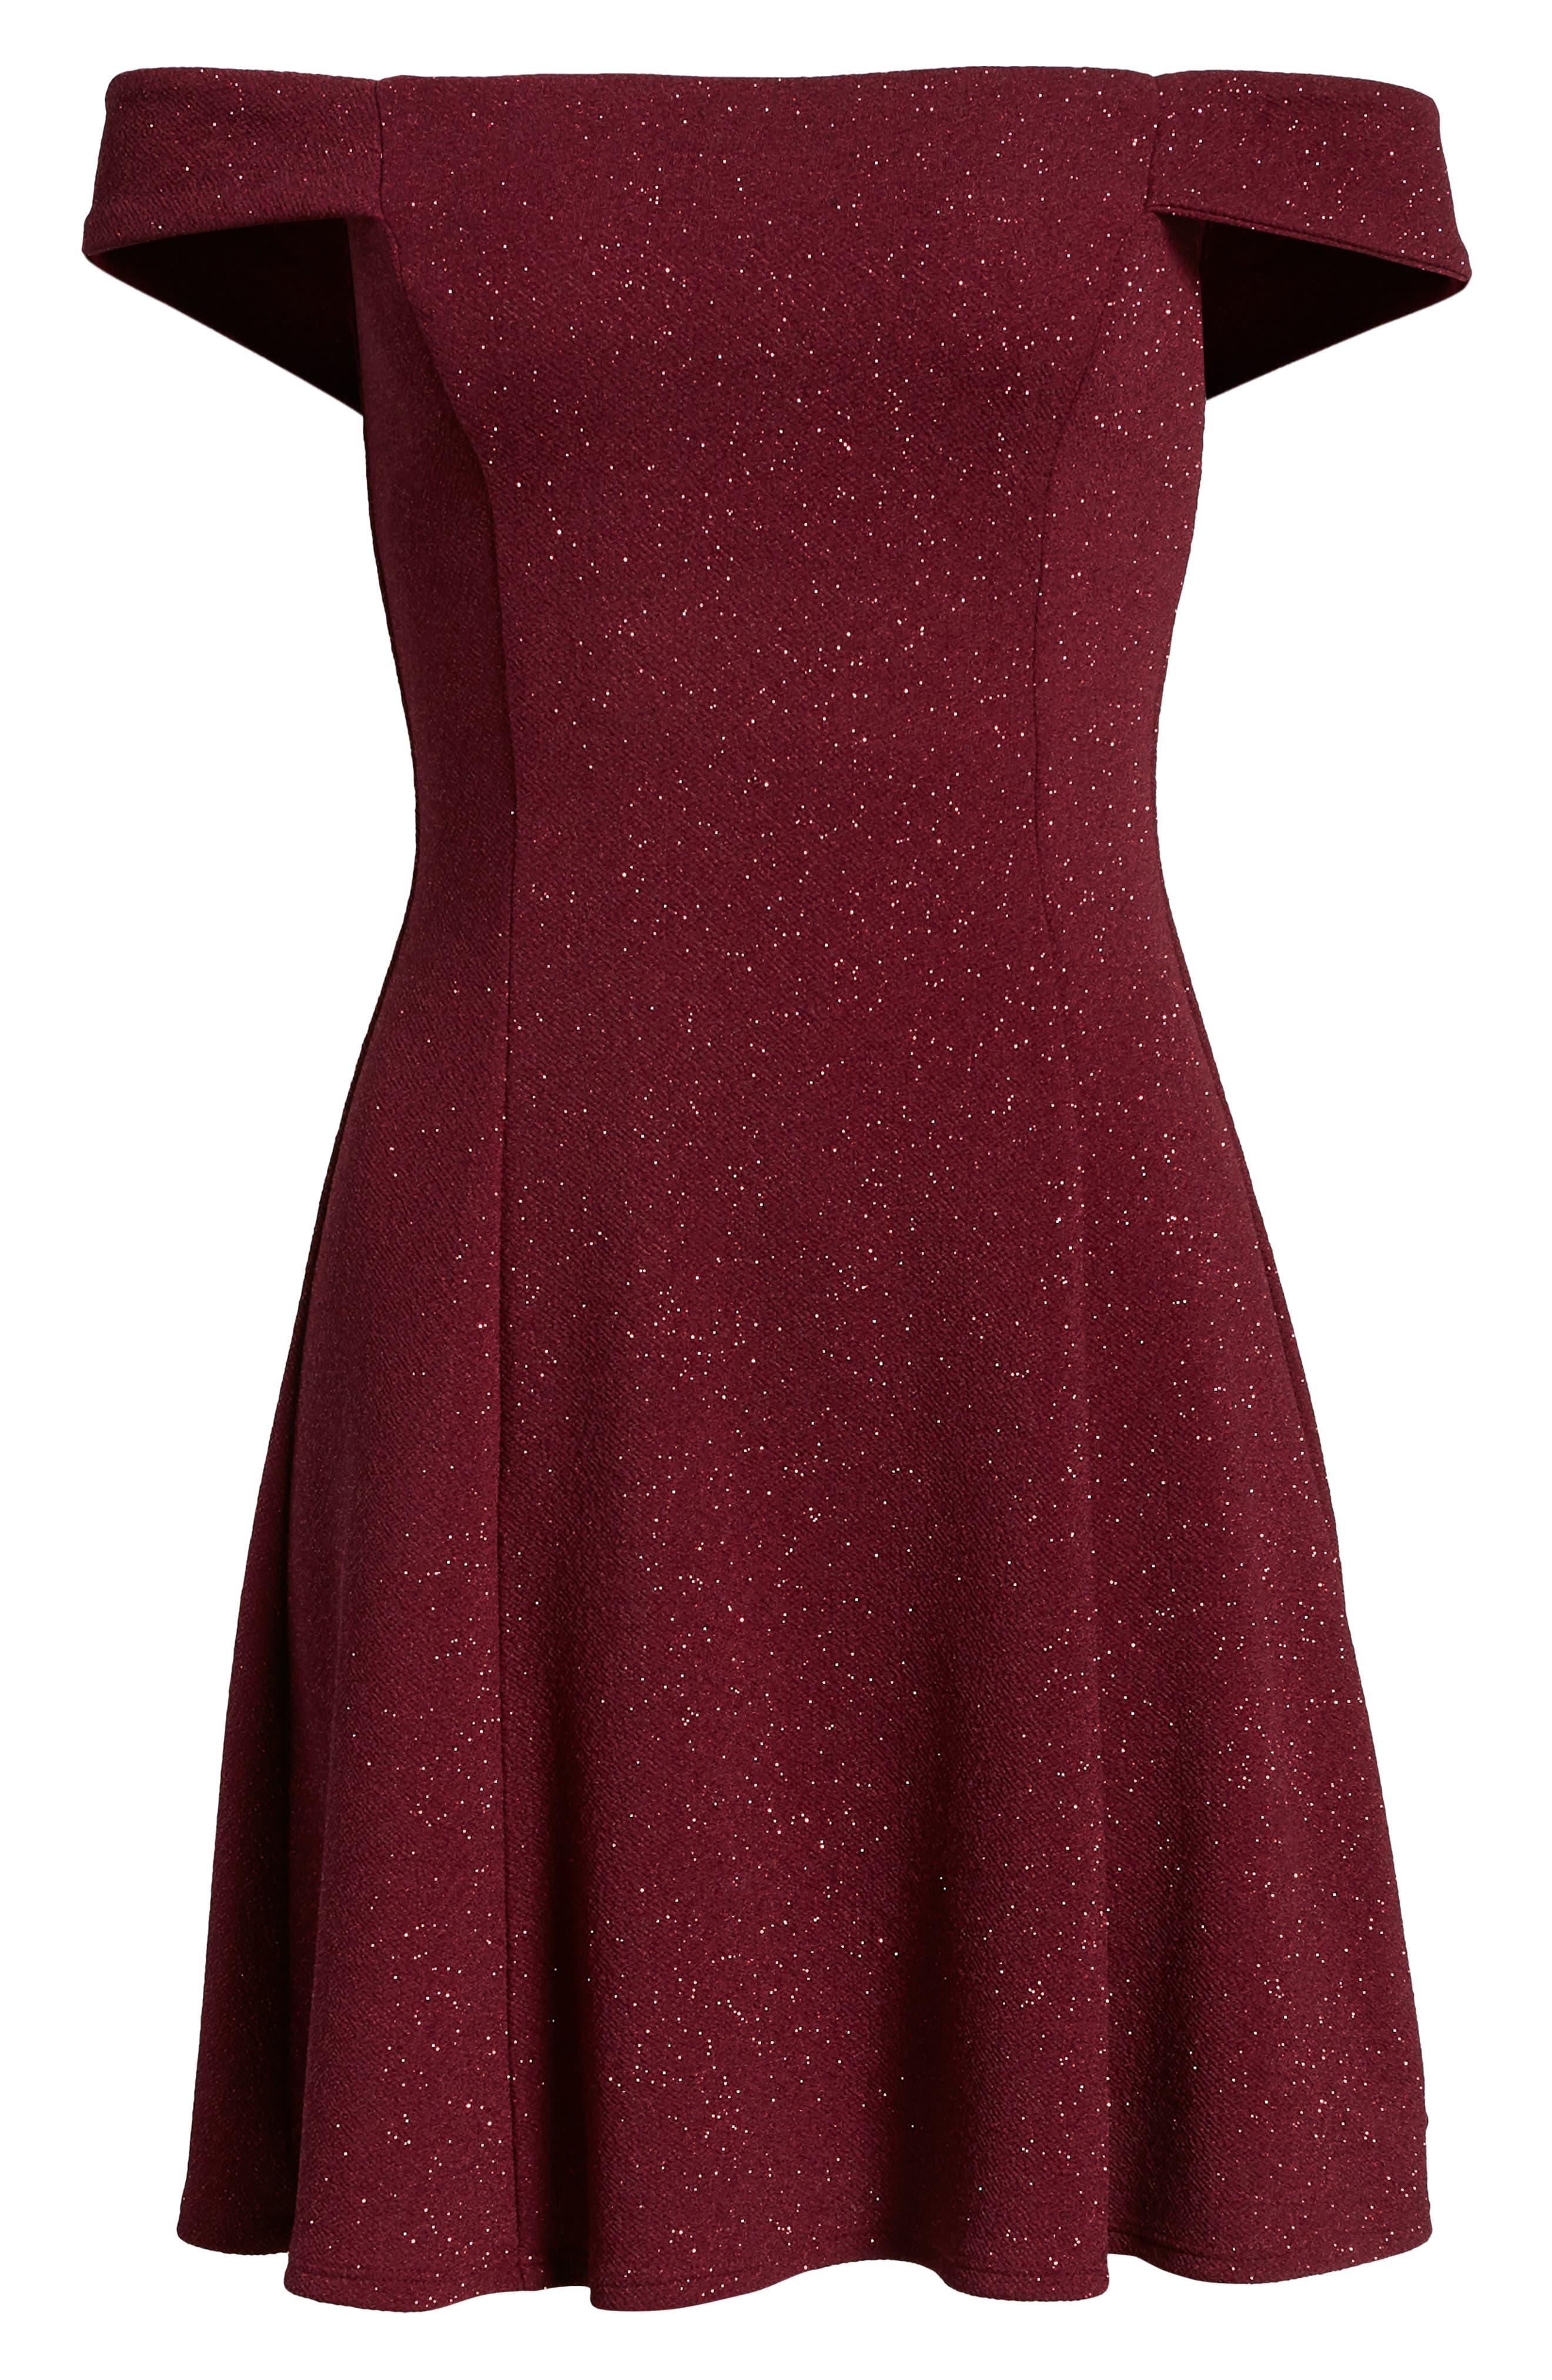 SPEECHLESS, Glitter Off the Shoulder Dress, Alternate thumbnail 7, color, BURGUNDY